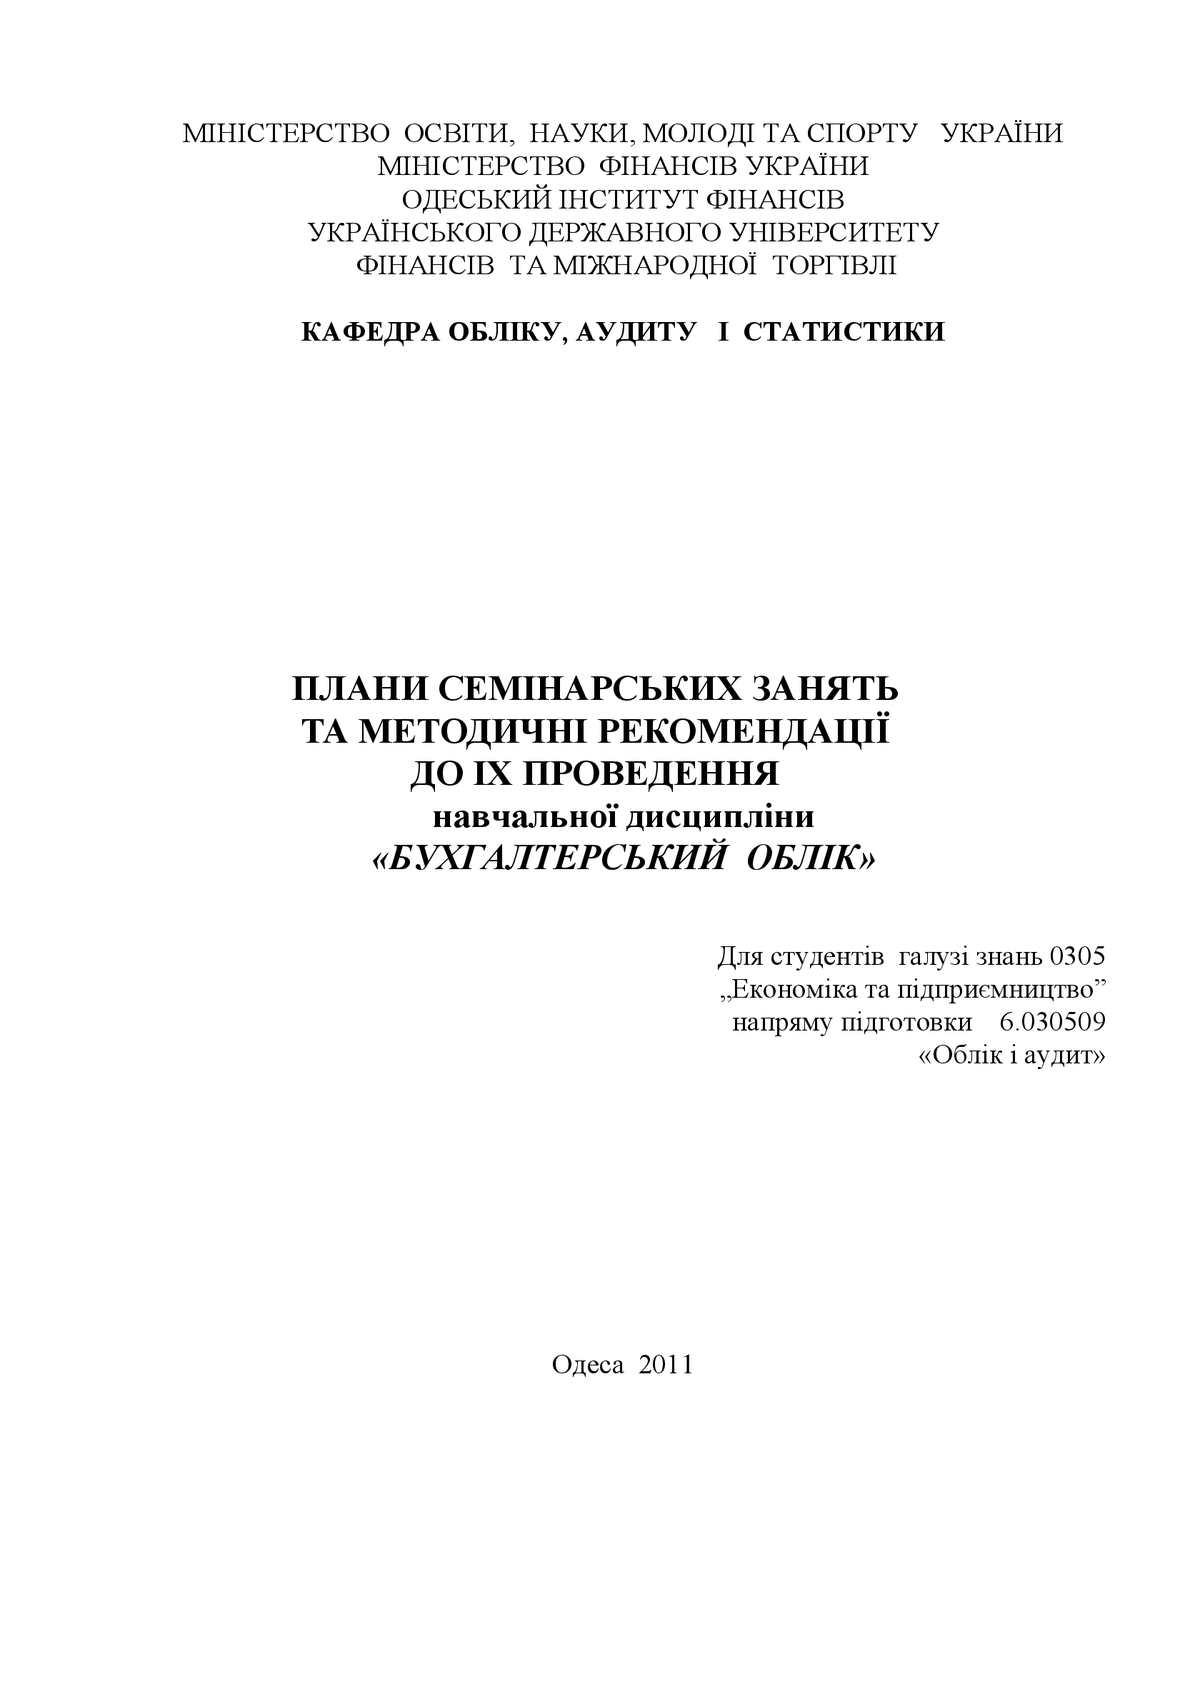 Практична робота №3 рахунки синтетичного та аналітичного обліку